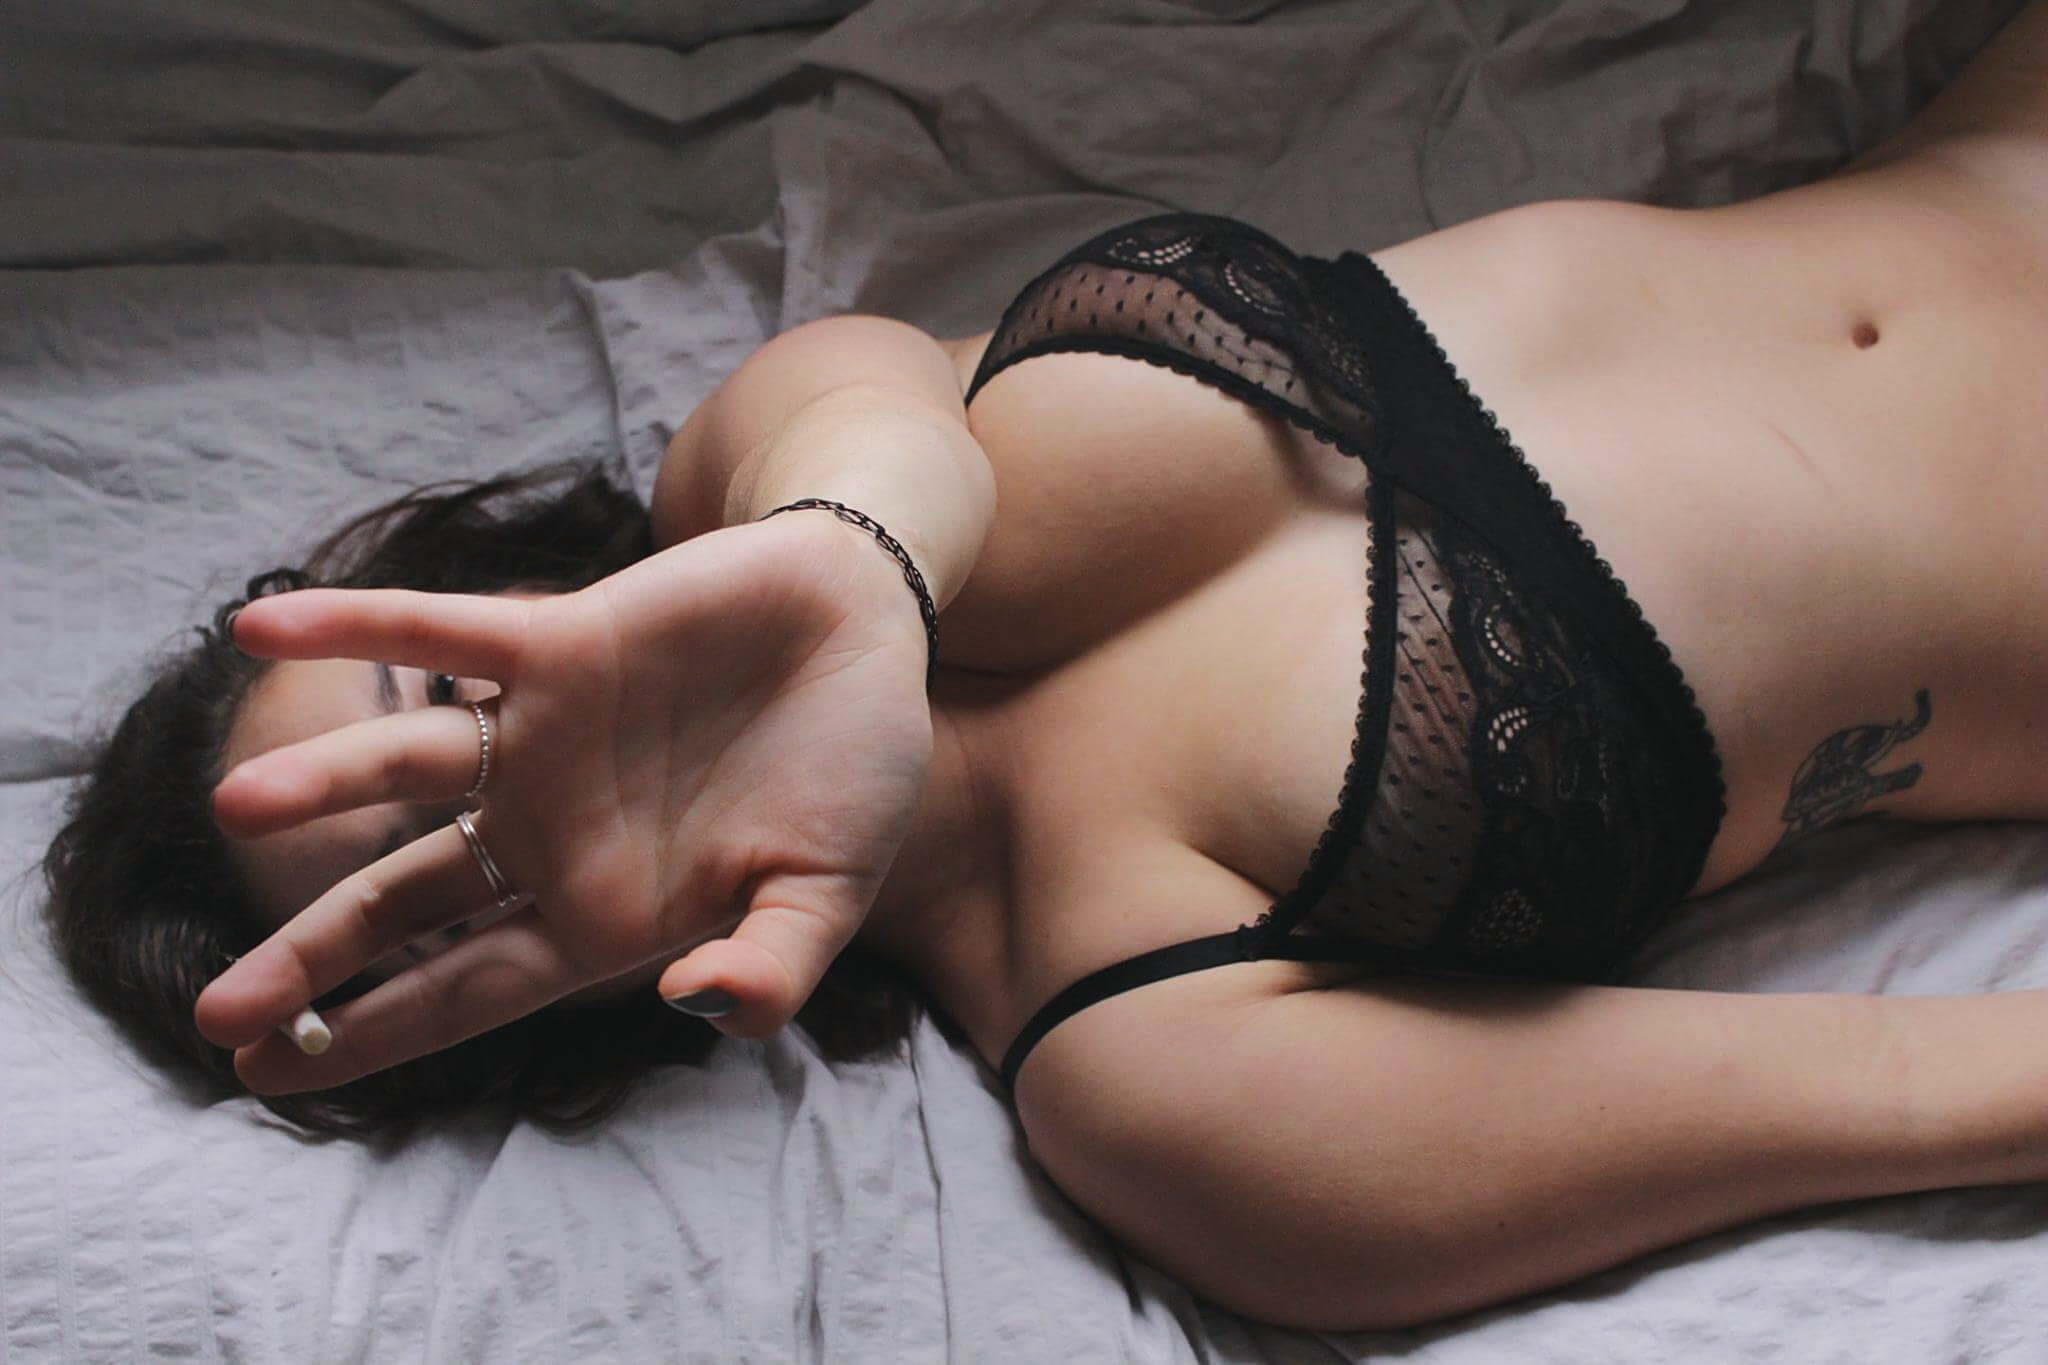 Отрезанная женская грудь смотреть в хорошем качестве фотоография